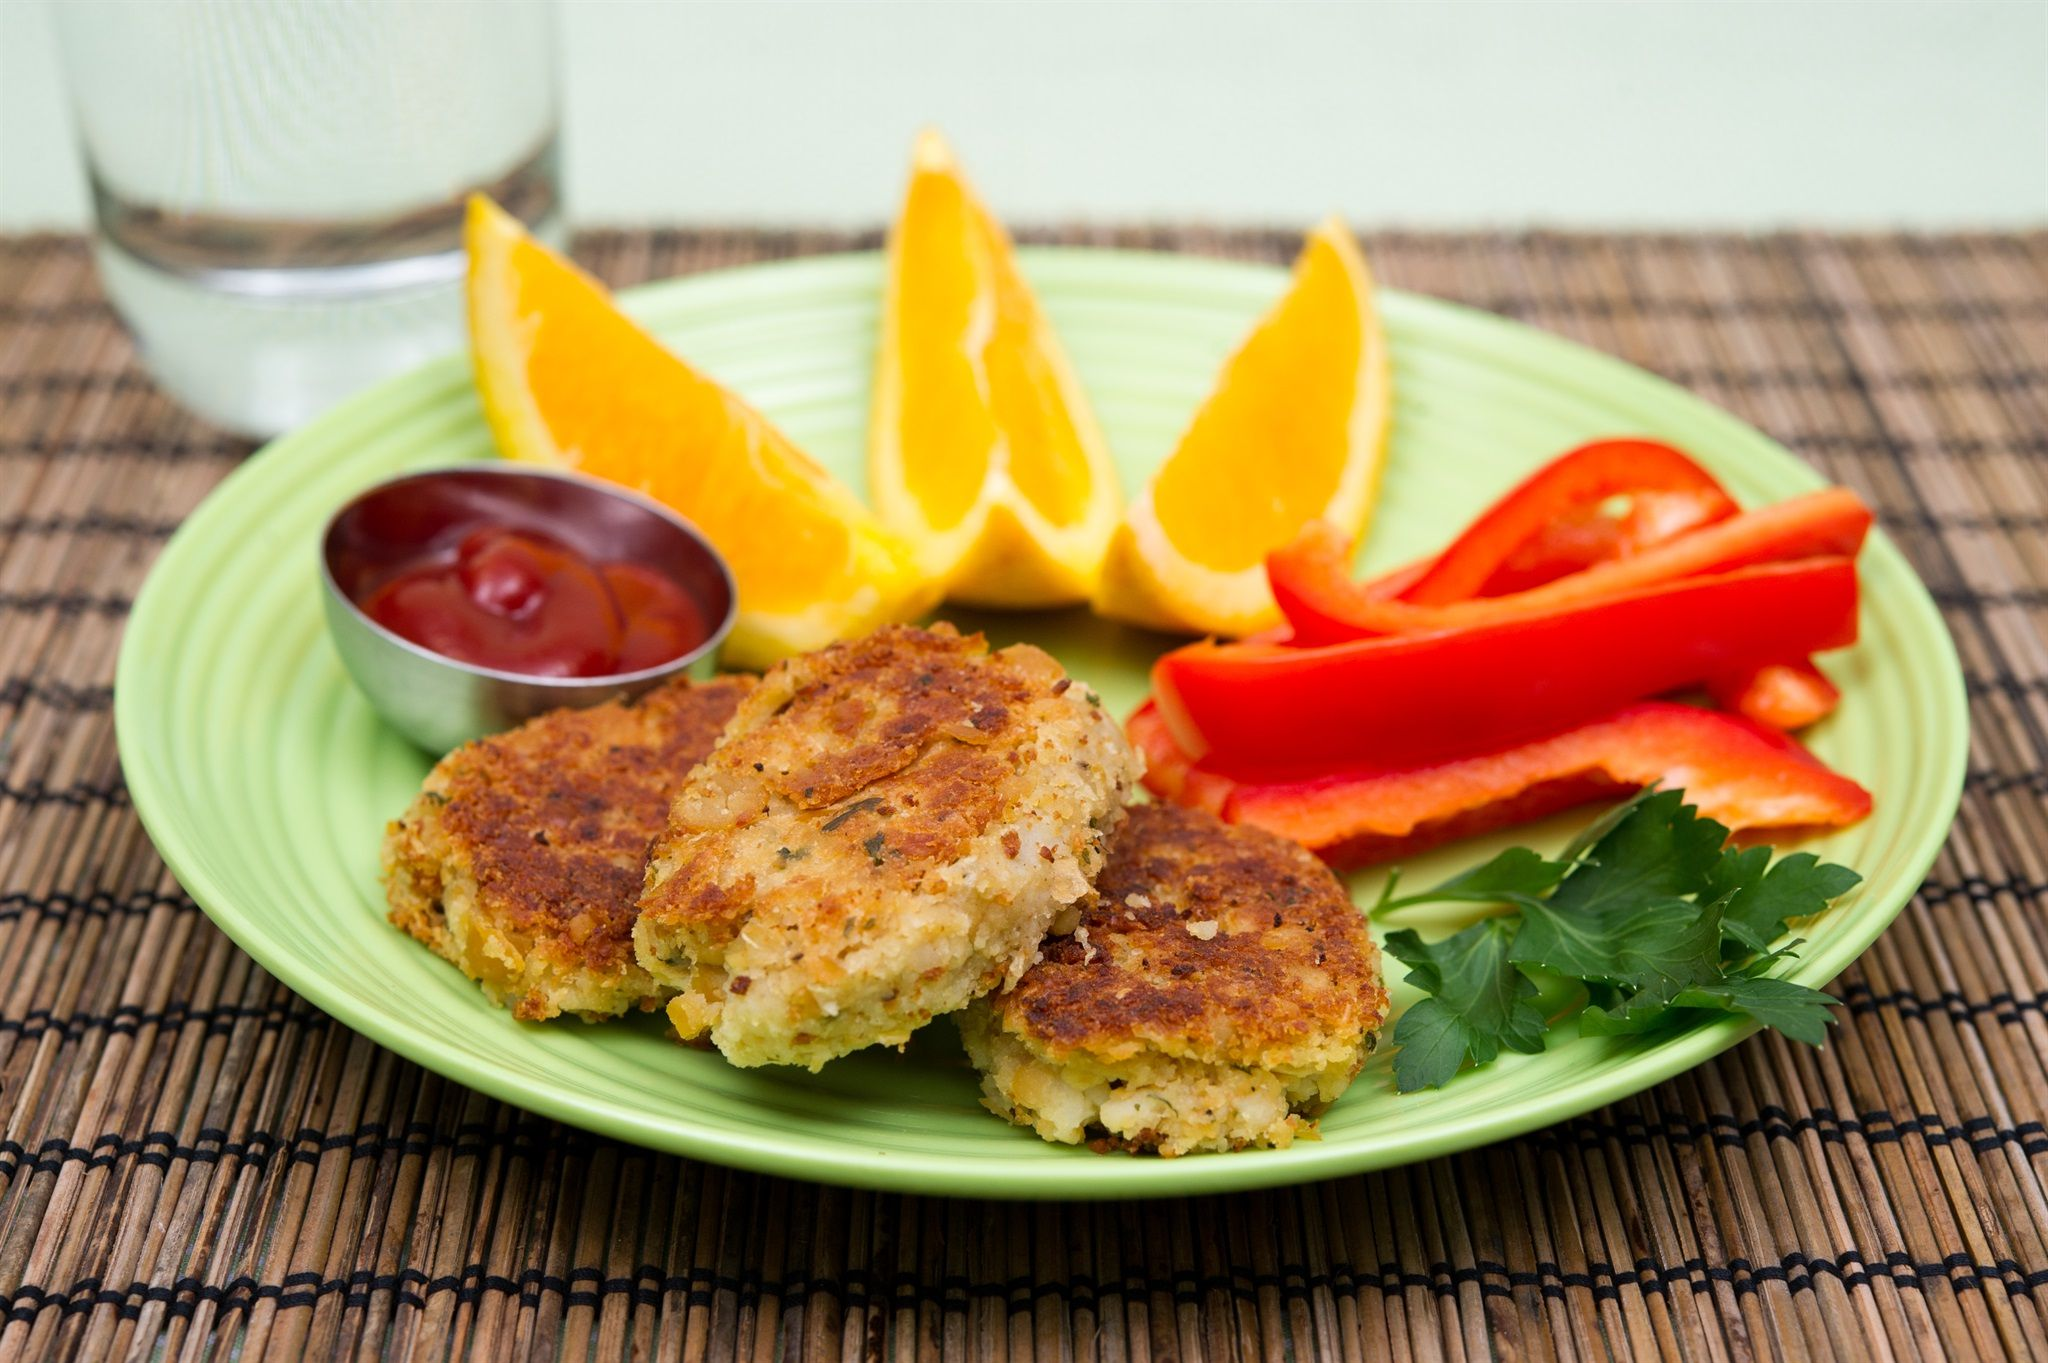 #greenmondaysa: Chicken-free Nuggets photo